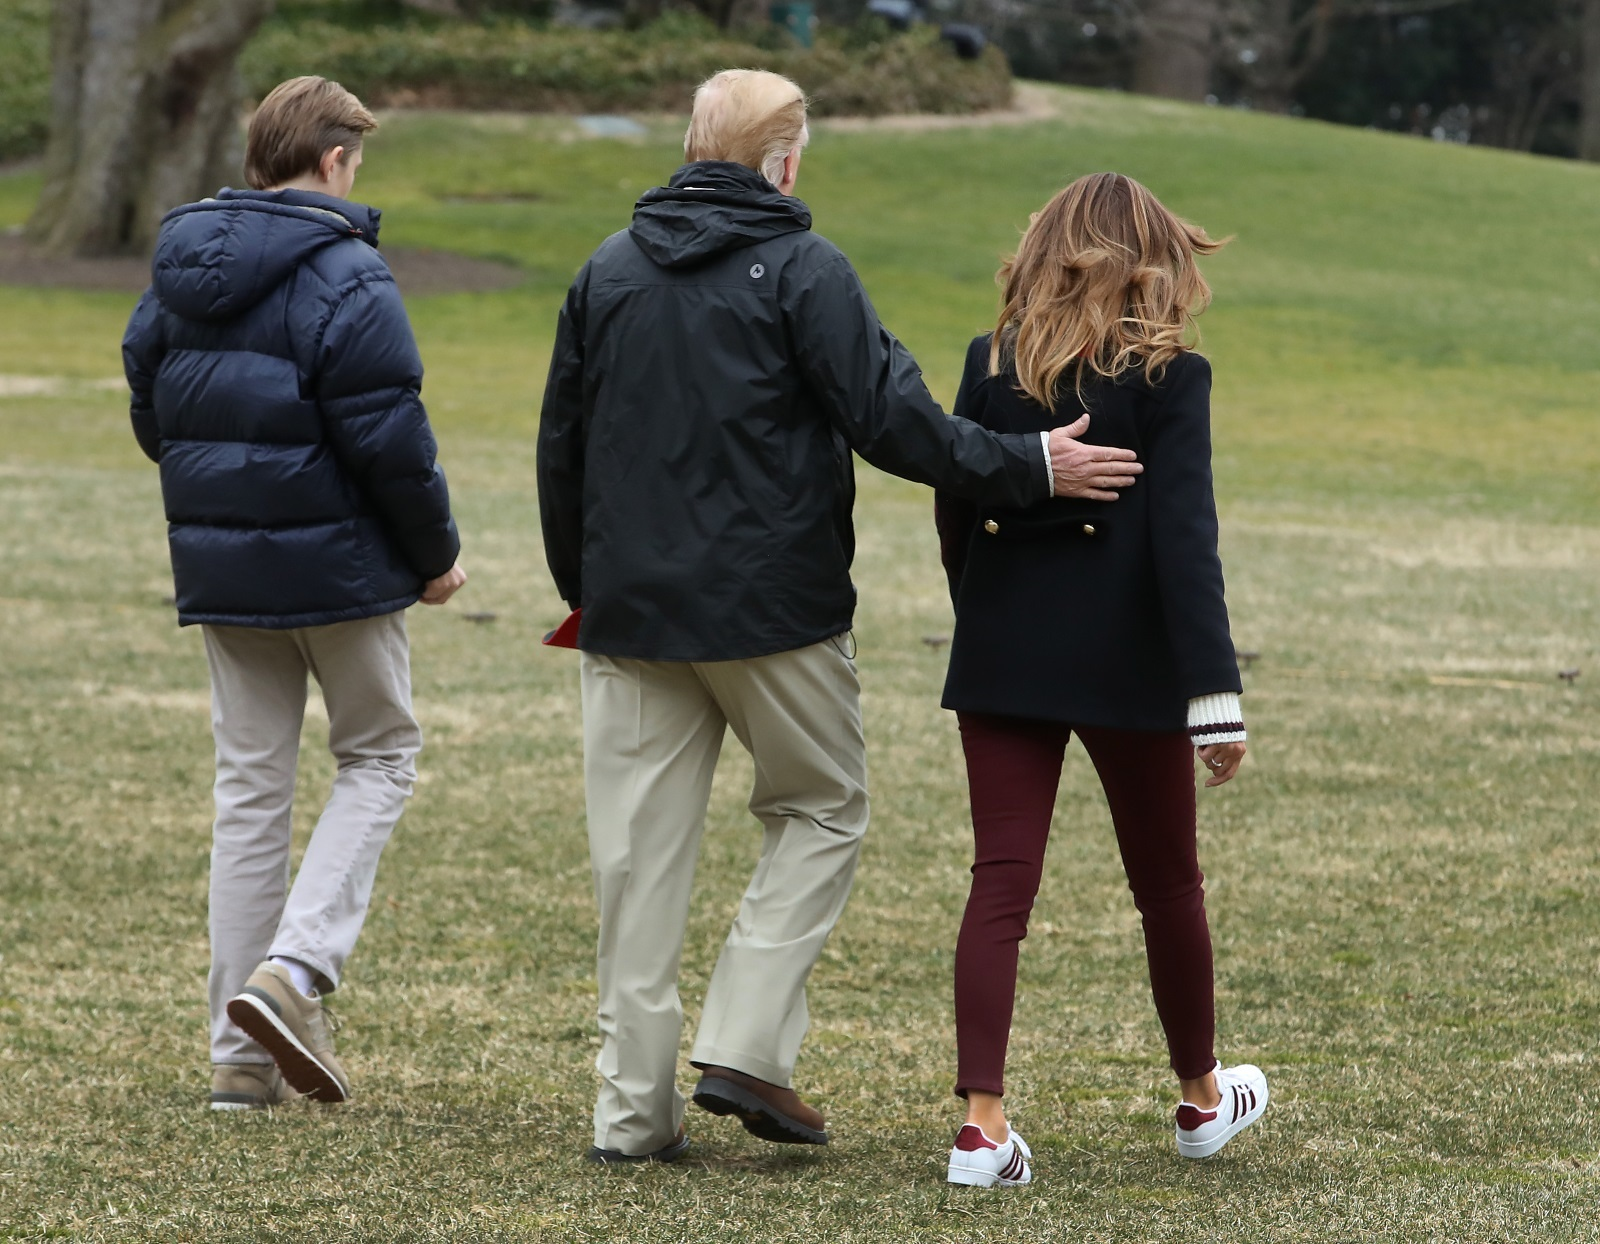 Американският президент и първата дама посетиха щата Алабама след опустошителното торнадо, което взе над 20 жертви. Снимки от визитата им обаче породиха коментари в медиите и в социалните мрежи, че не Мелания, а нейна двойничка е придружила Тръмп. Държавният глава нарече твърденията фалшива новина.